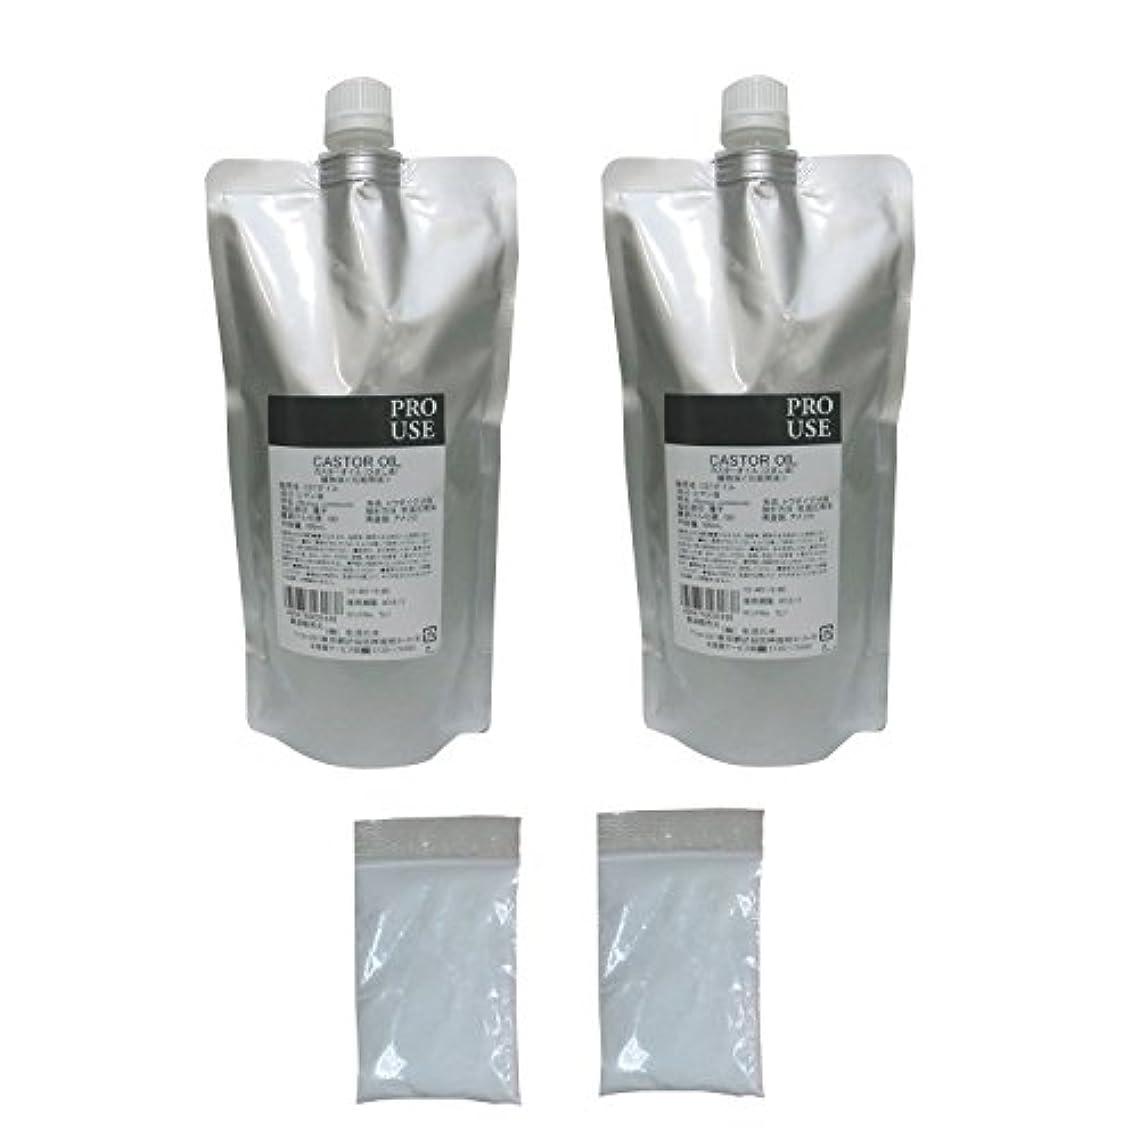 ゆり有効化バイバイカスターオイル ひまし油500ml 2個組 (重層2袋付)